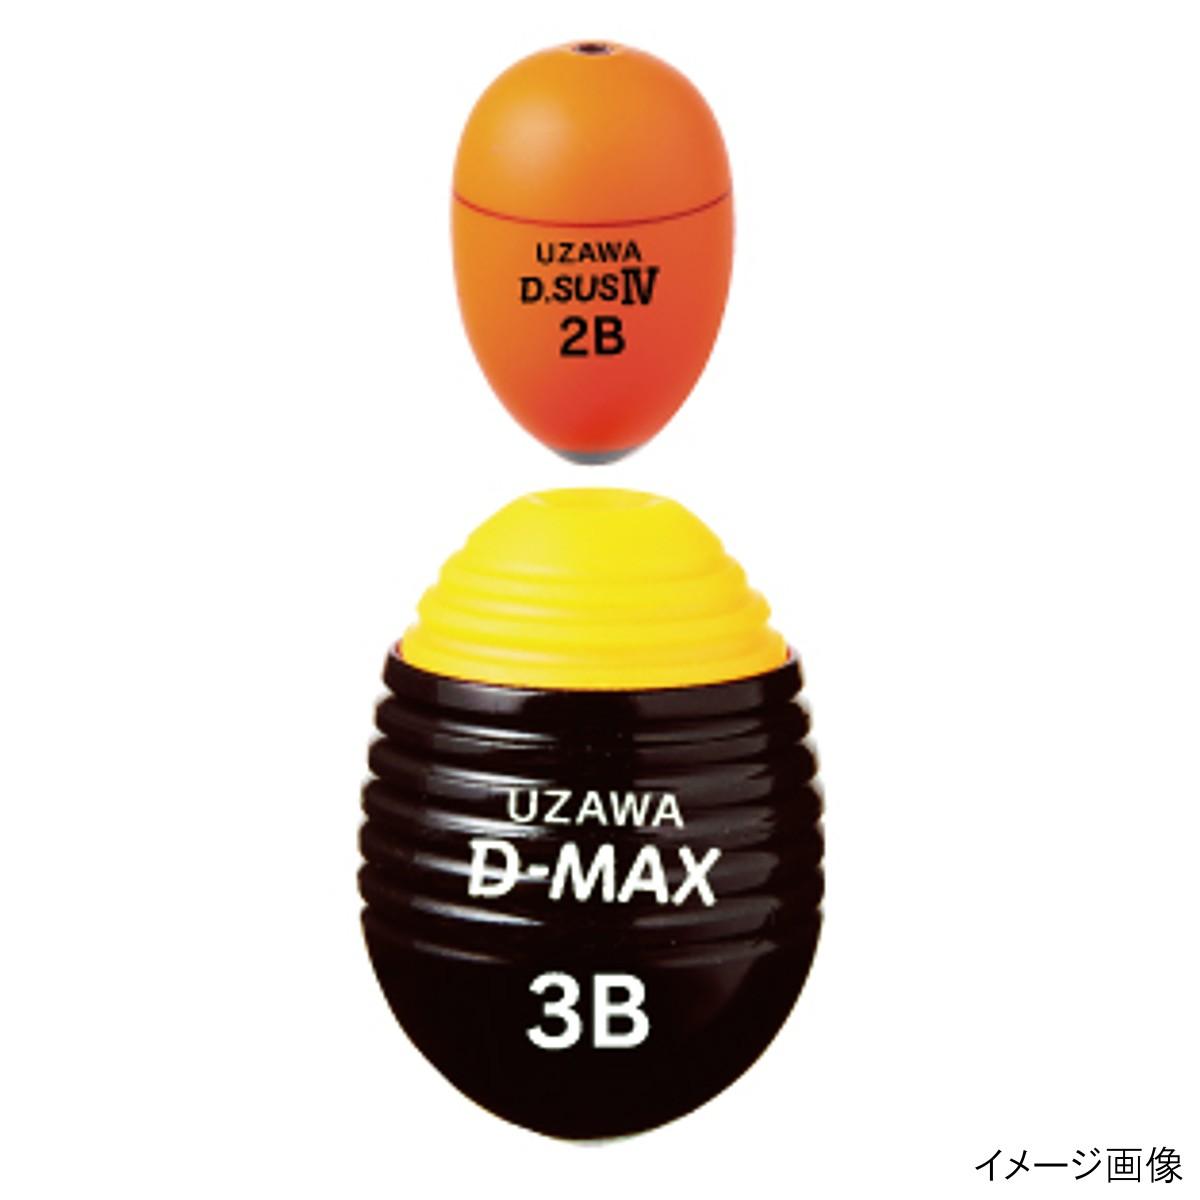 キザクラ UZAWA D.SUS MAX セット 2B オレンジ【ゆうパケット】